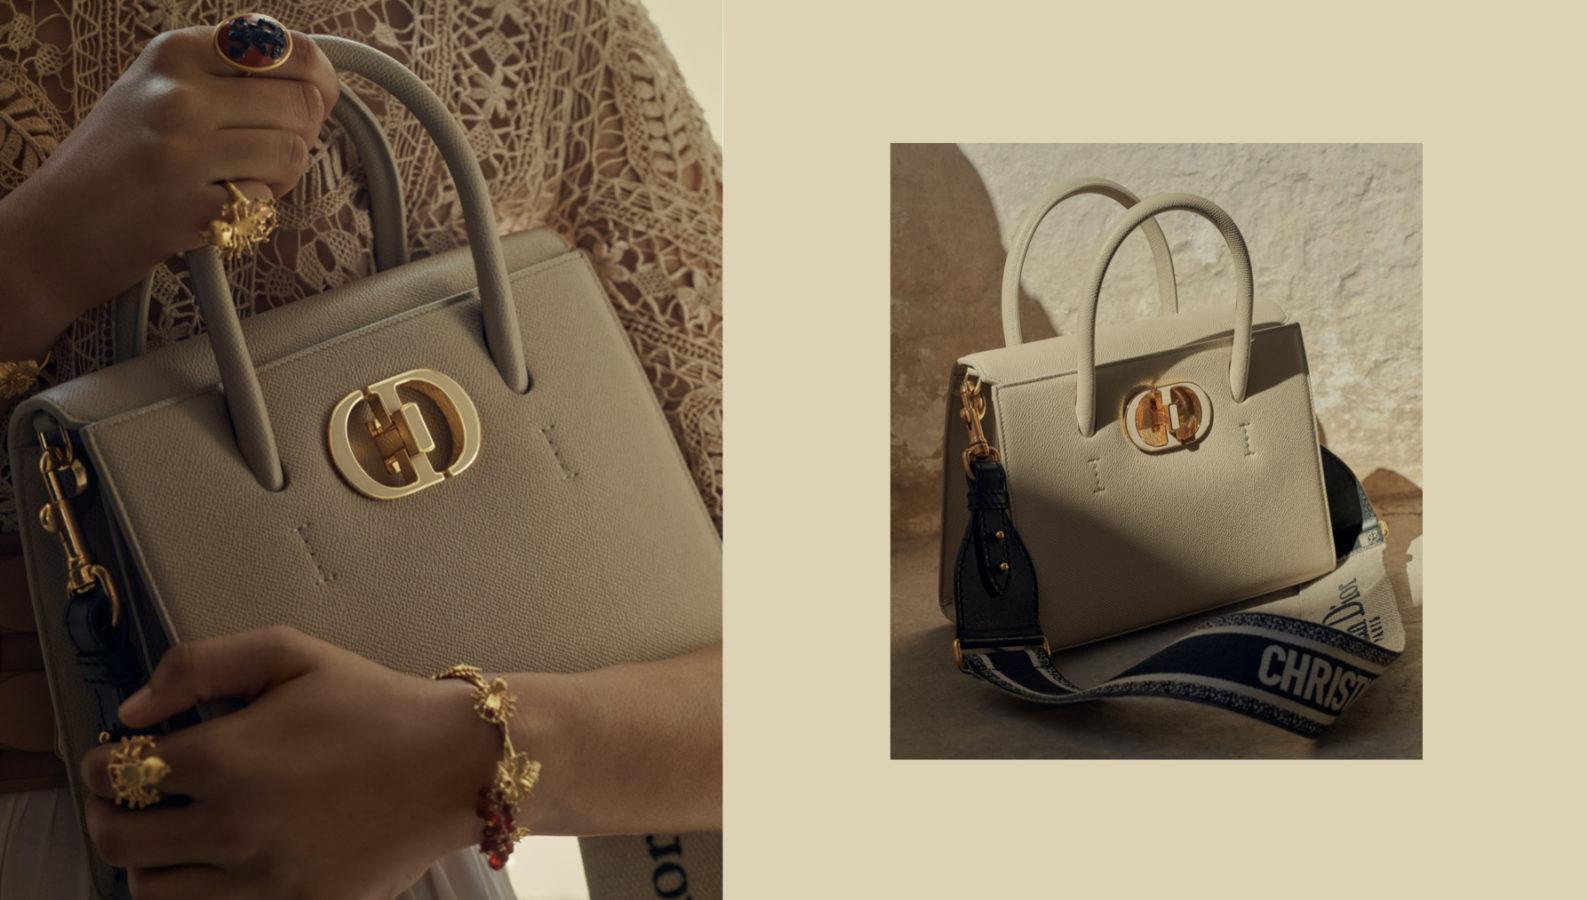 散發出典雅高貴氣息的 Dior St Honoré 全新包款絕美登場